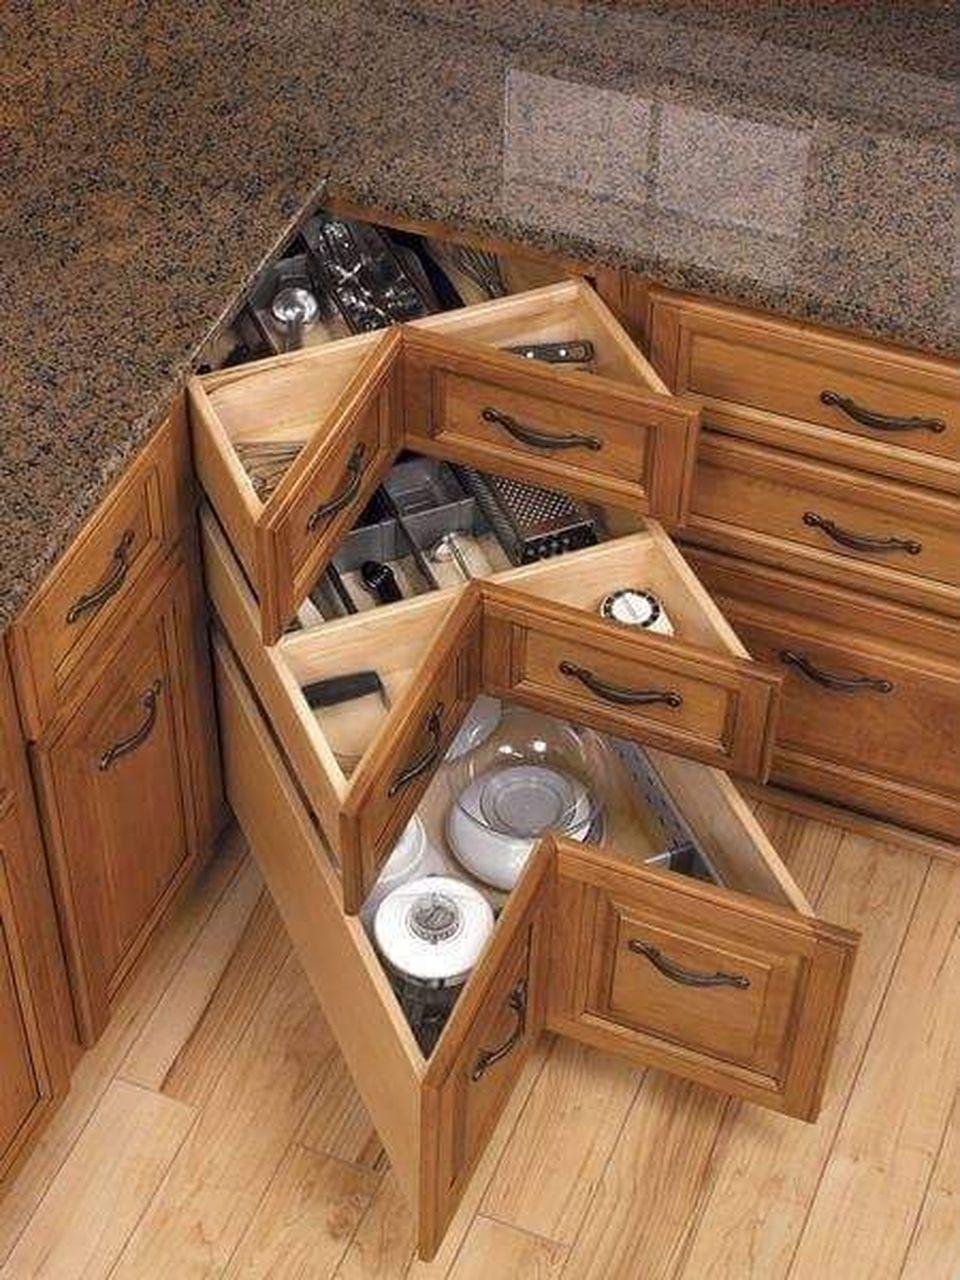 Кухонный шкаф своими руками (53 фото как сделать шкафчики на кухню)